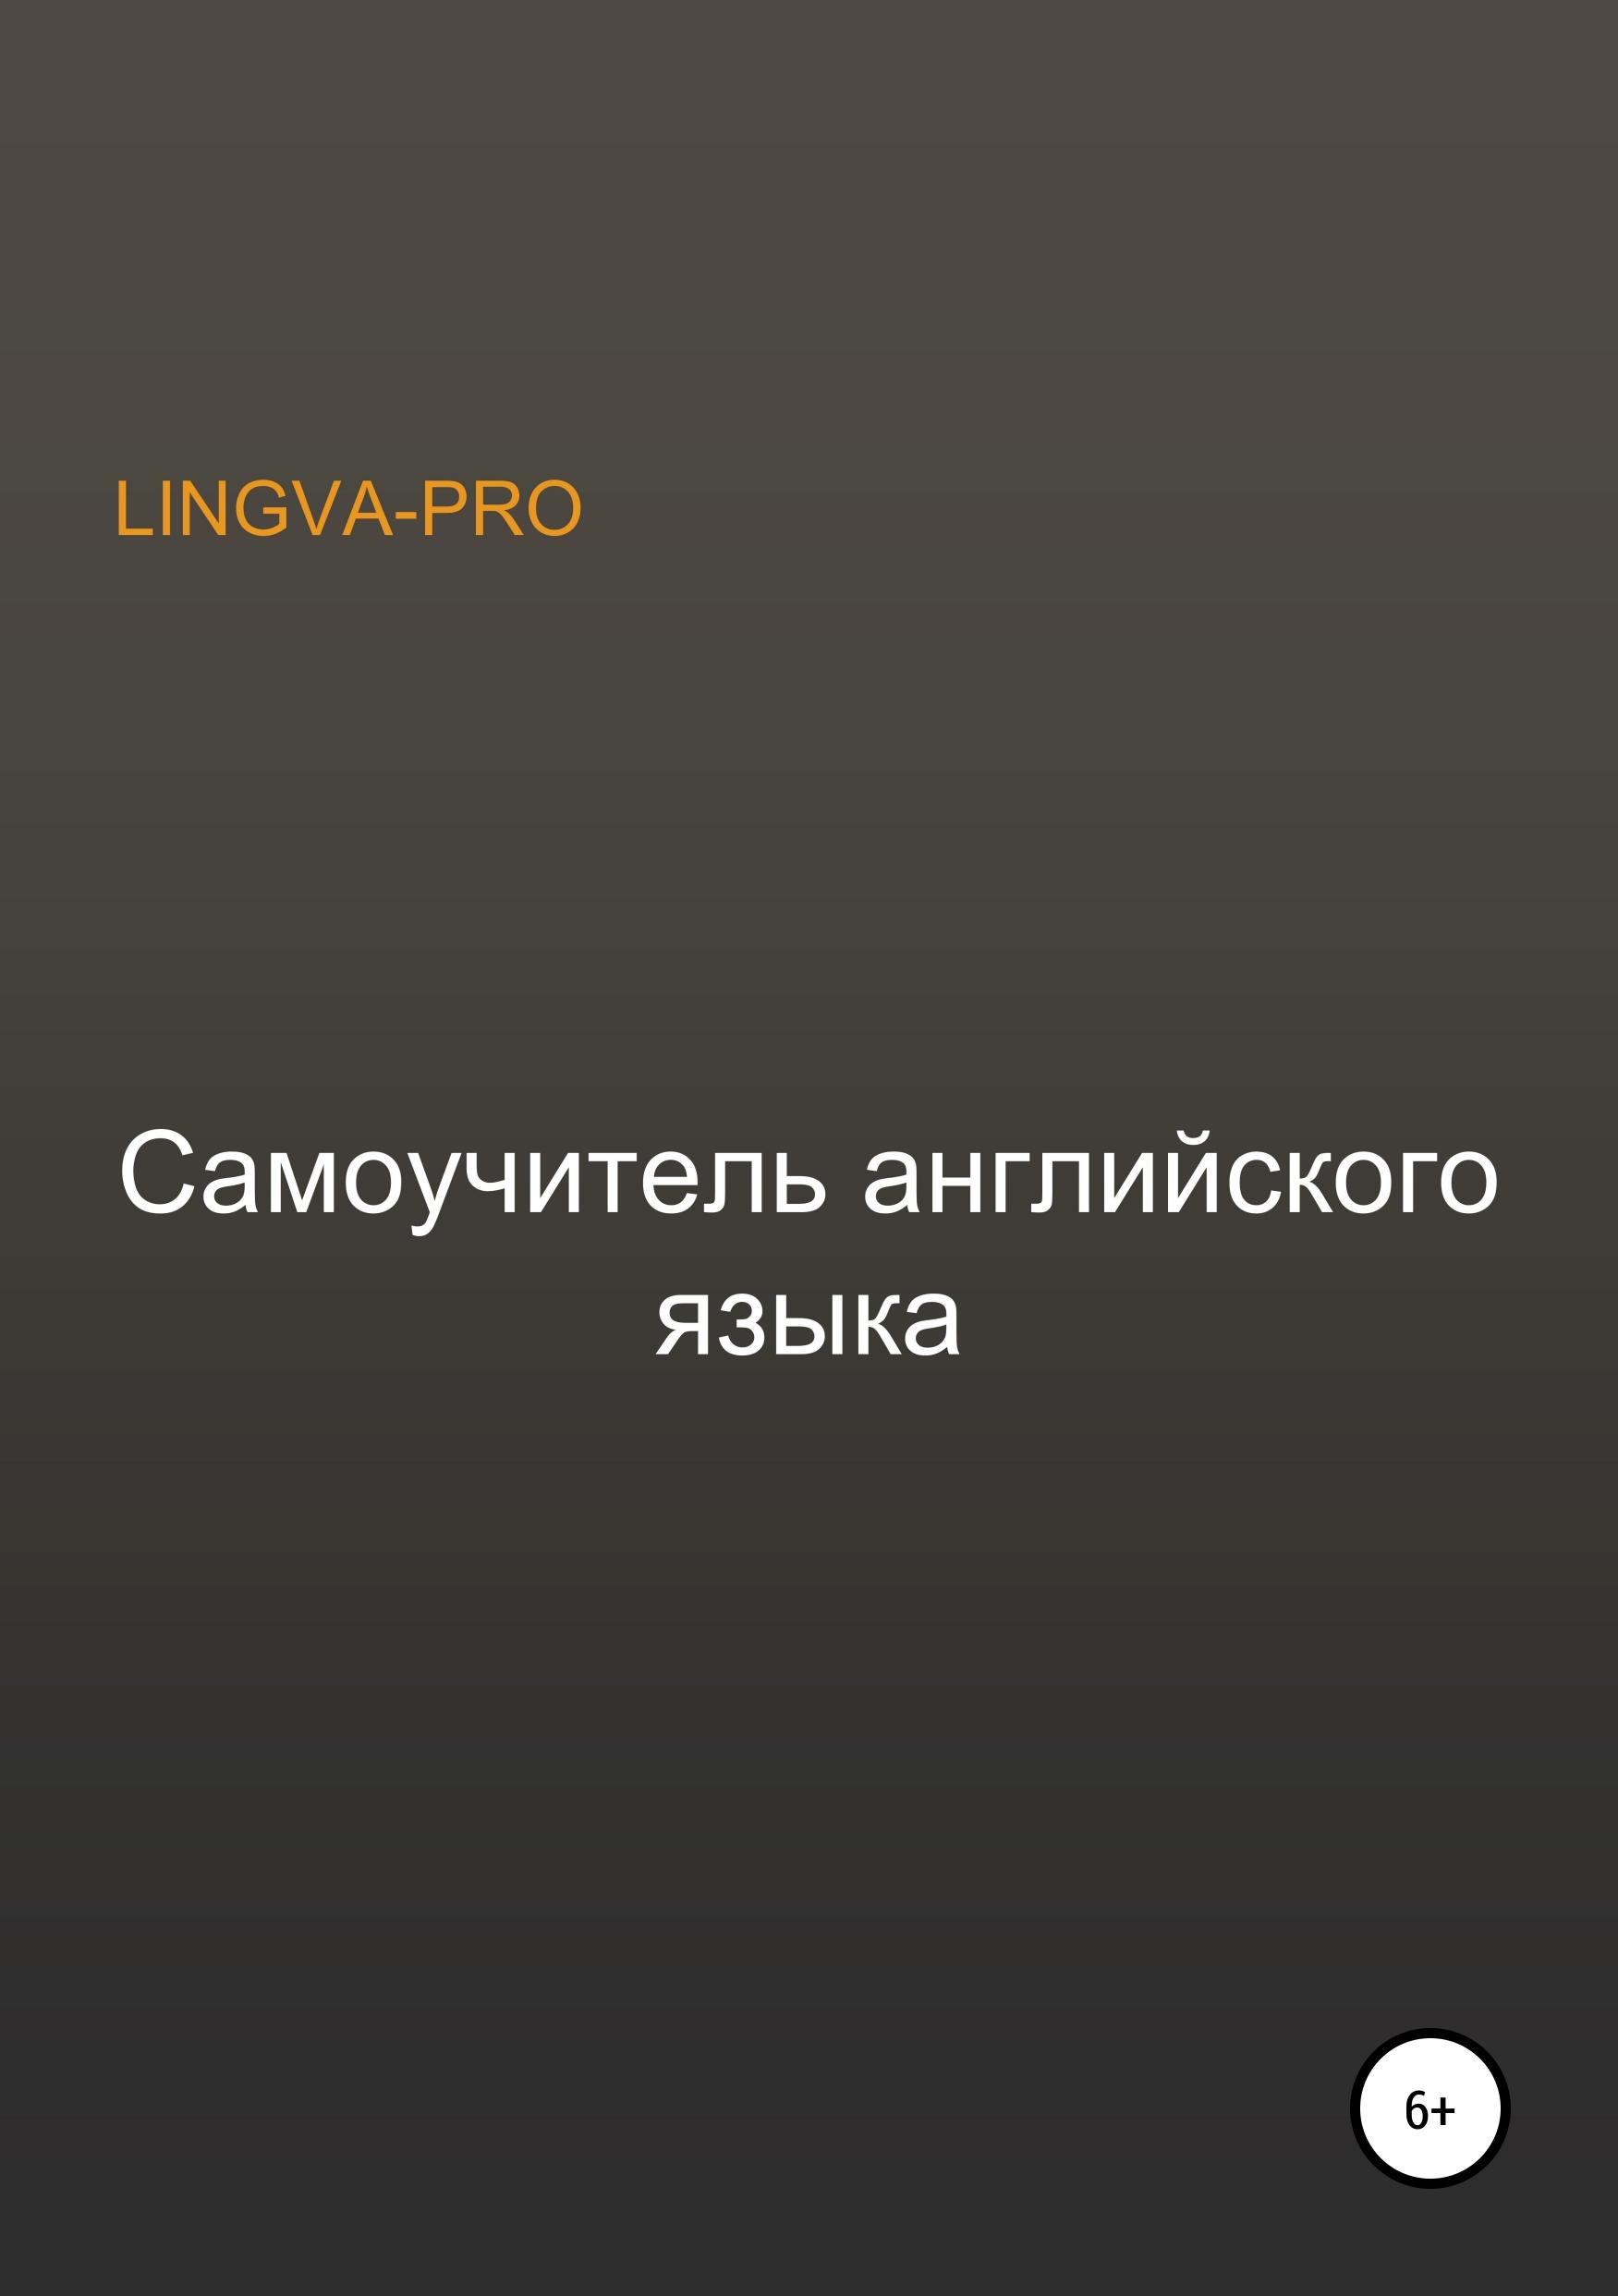 цены Lingva-Pro Самоучитель английского языка Lingva-Pro